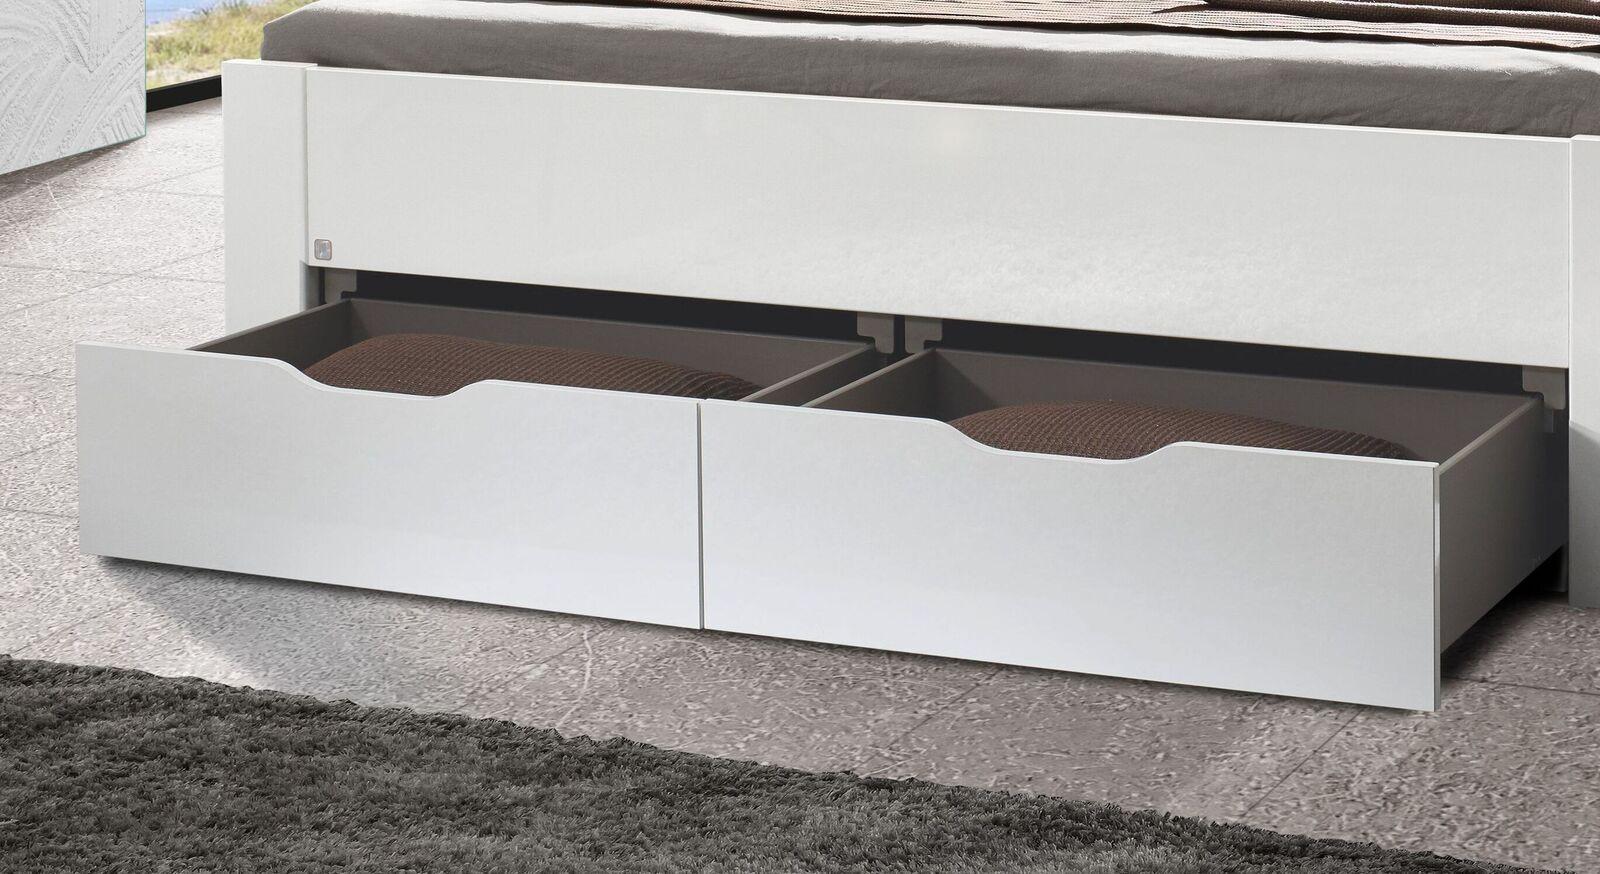 Schubkastenbett Siberio mit schlichten Griffmulden